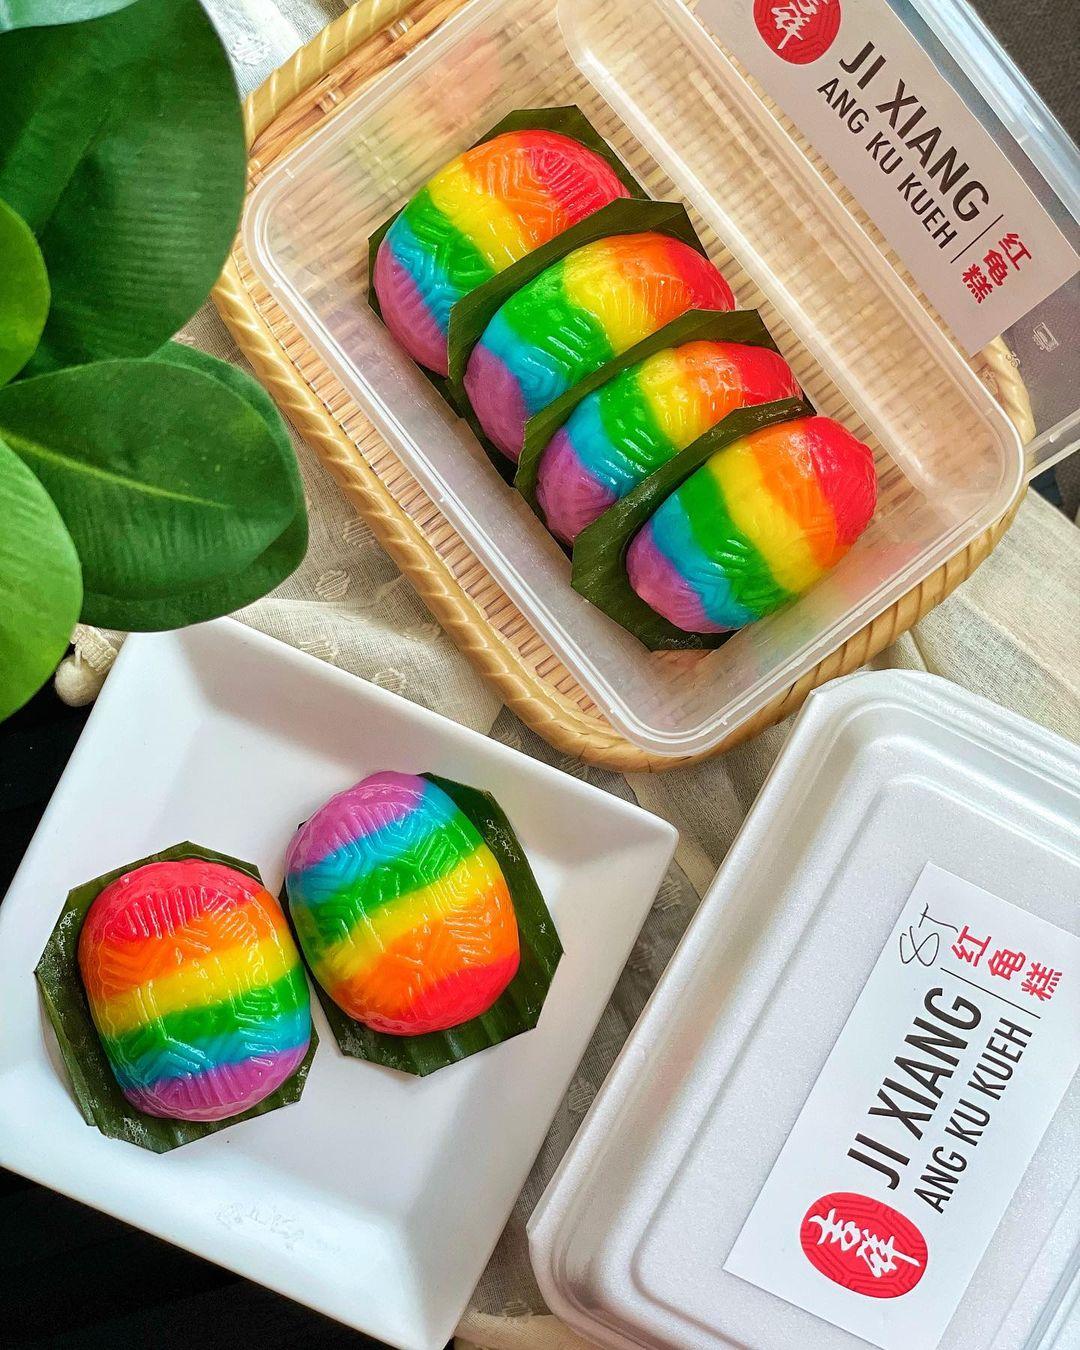 rainbow ang ku kueh ji xiang confectionery - flatlay